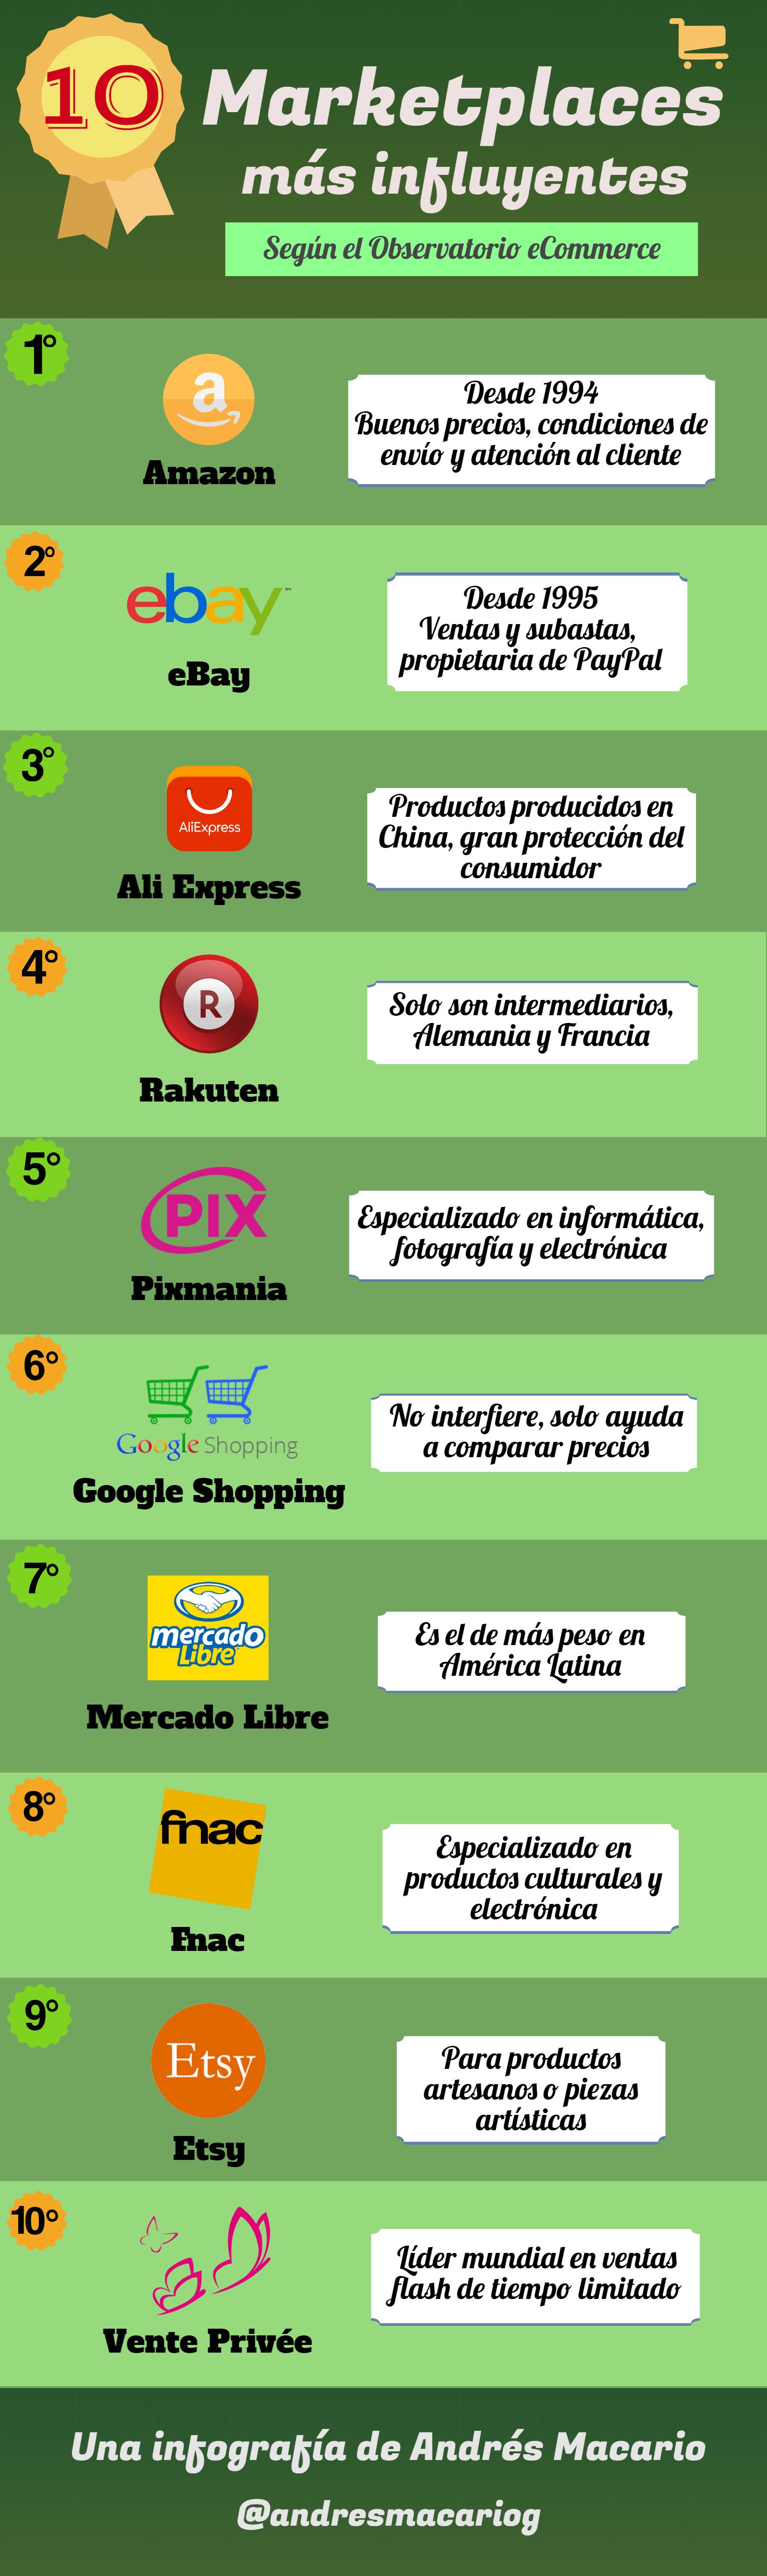 10 marketplaces más influyentes - infografía Andrés Macario